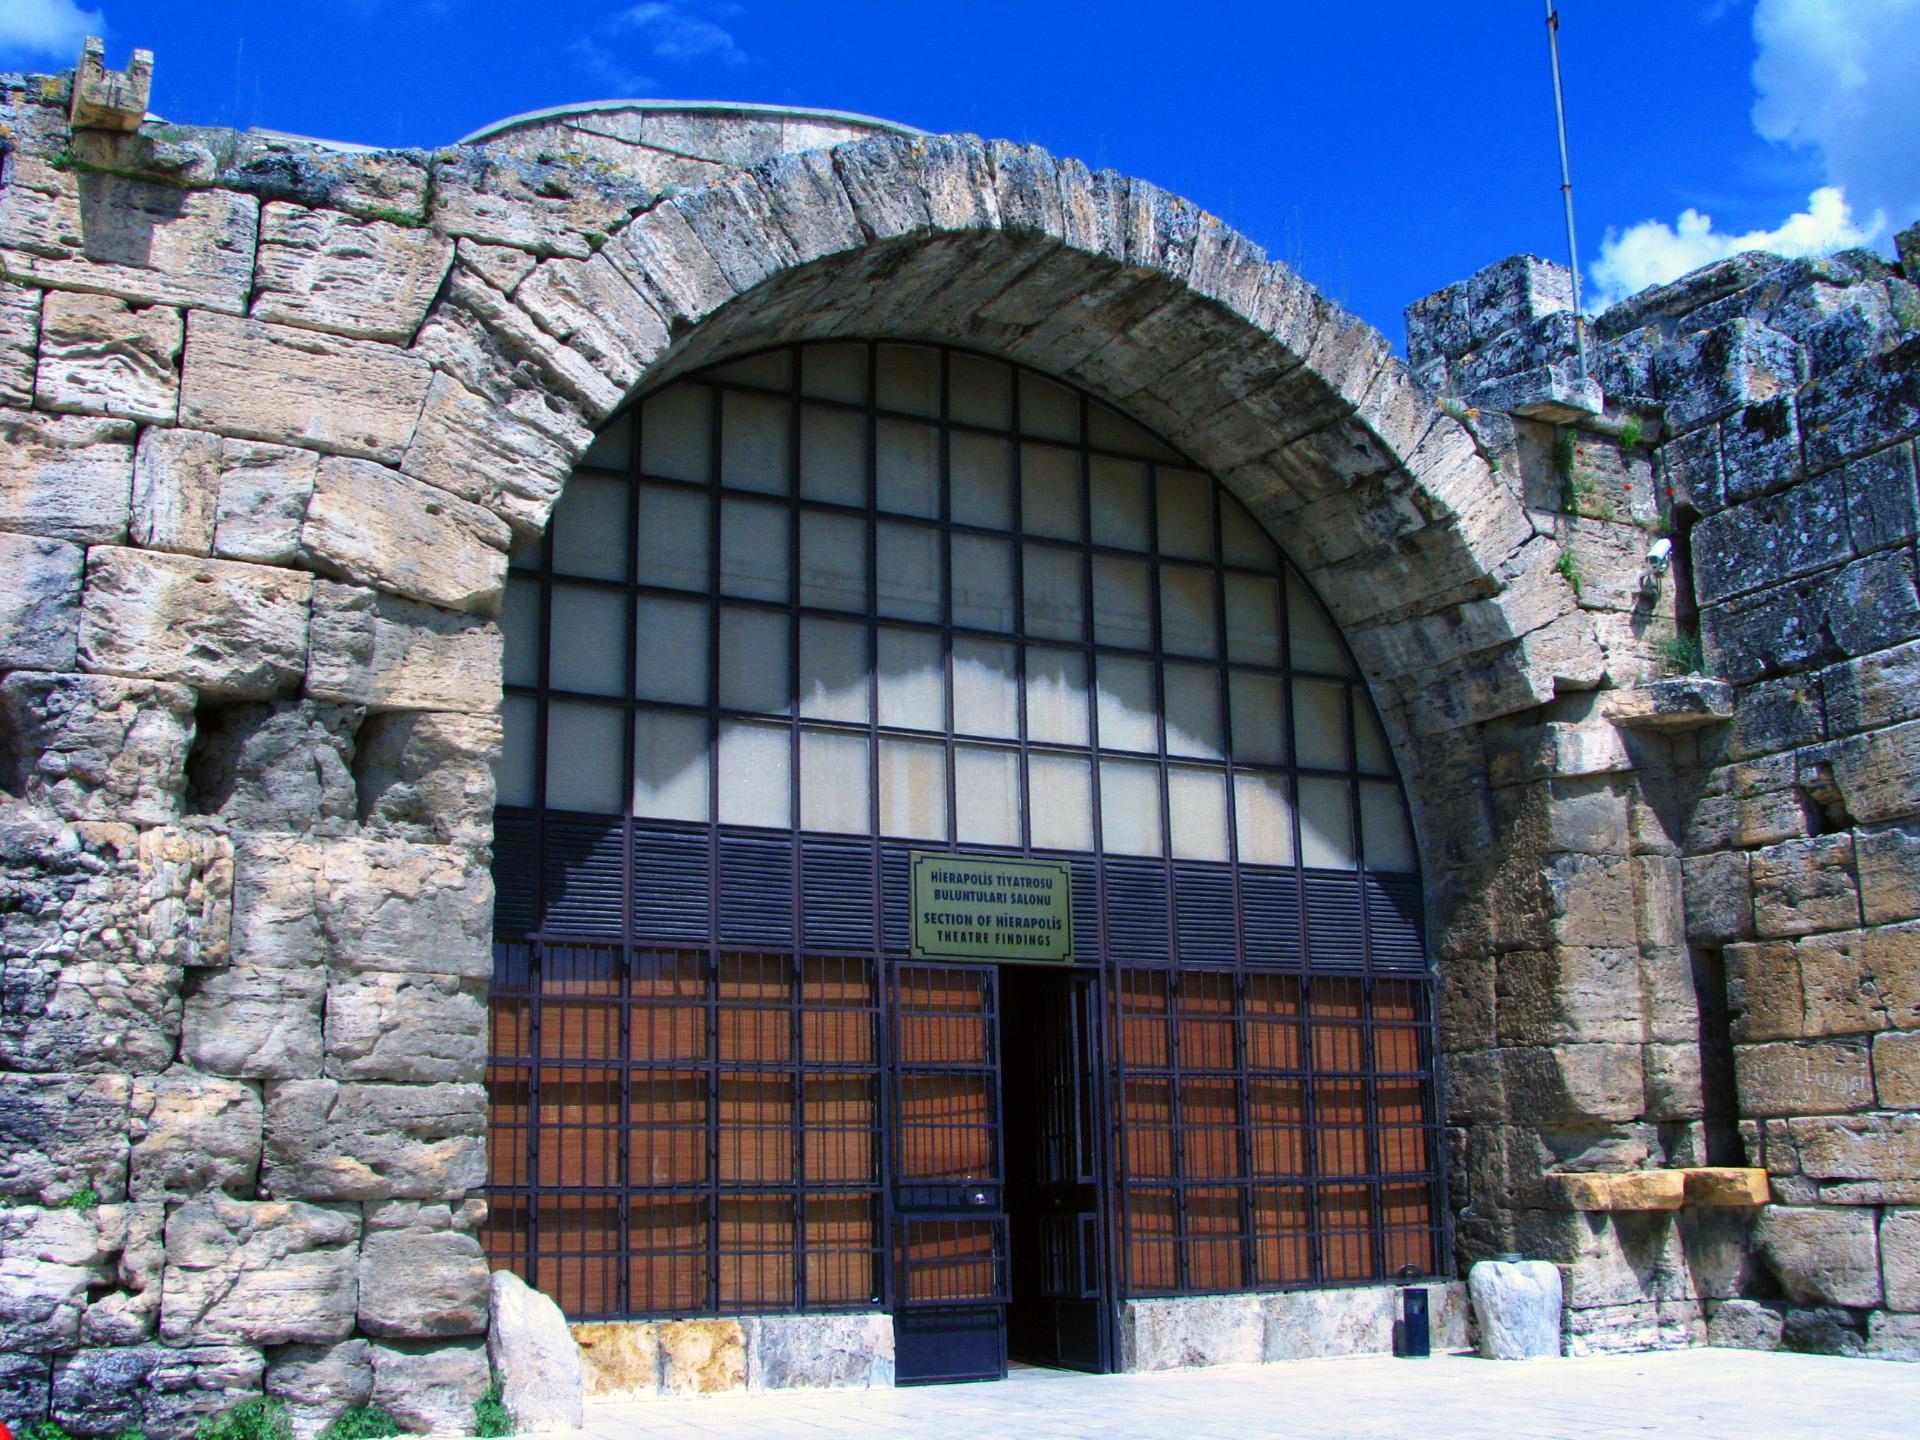 متحف دنيزلي هيرابوليس للآثار